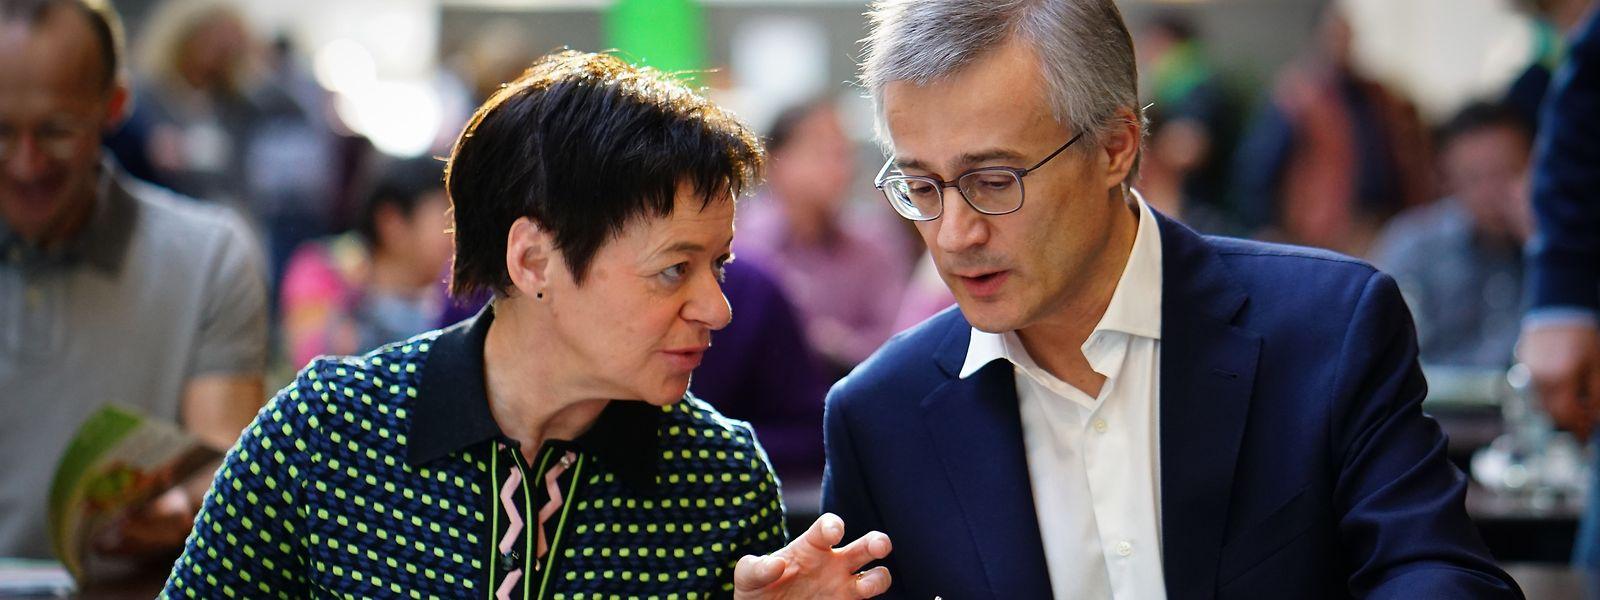 Designiertes Duo für die Südspitze der Grünen: Josée Lorschée und Felix Braz.